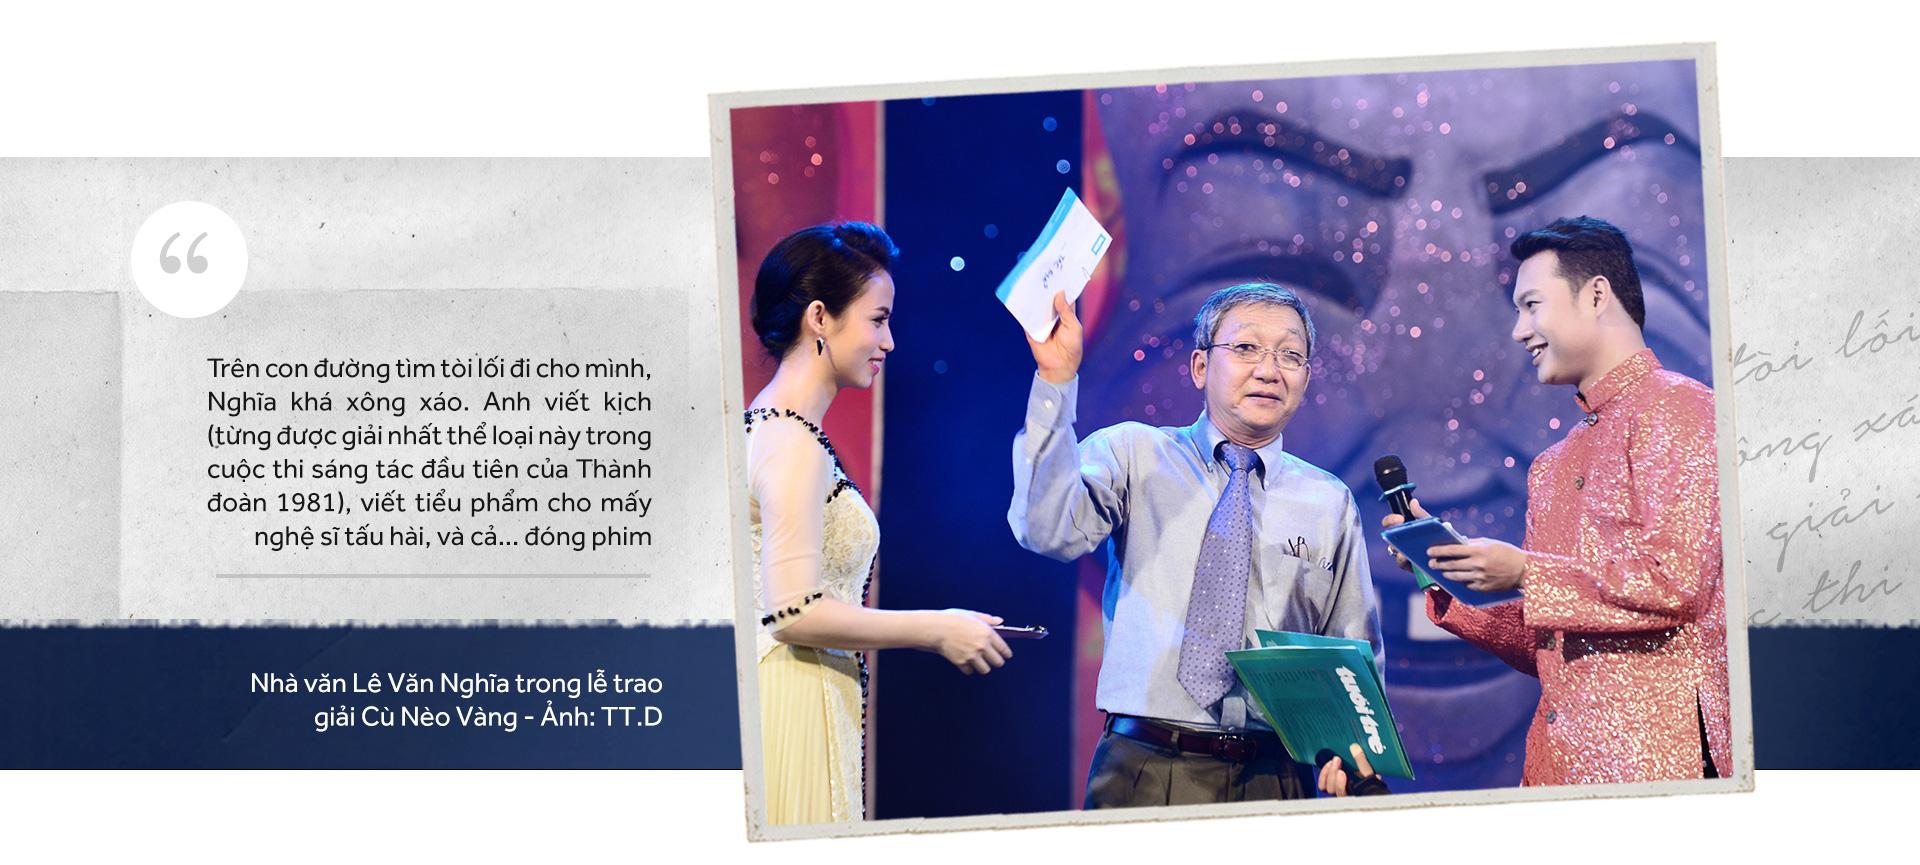 Yên nghỉ nhé Lê Văn Nghĩa, một đời cầm bút, một đời tài hoa - Ảnh 3.